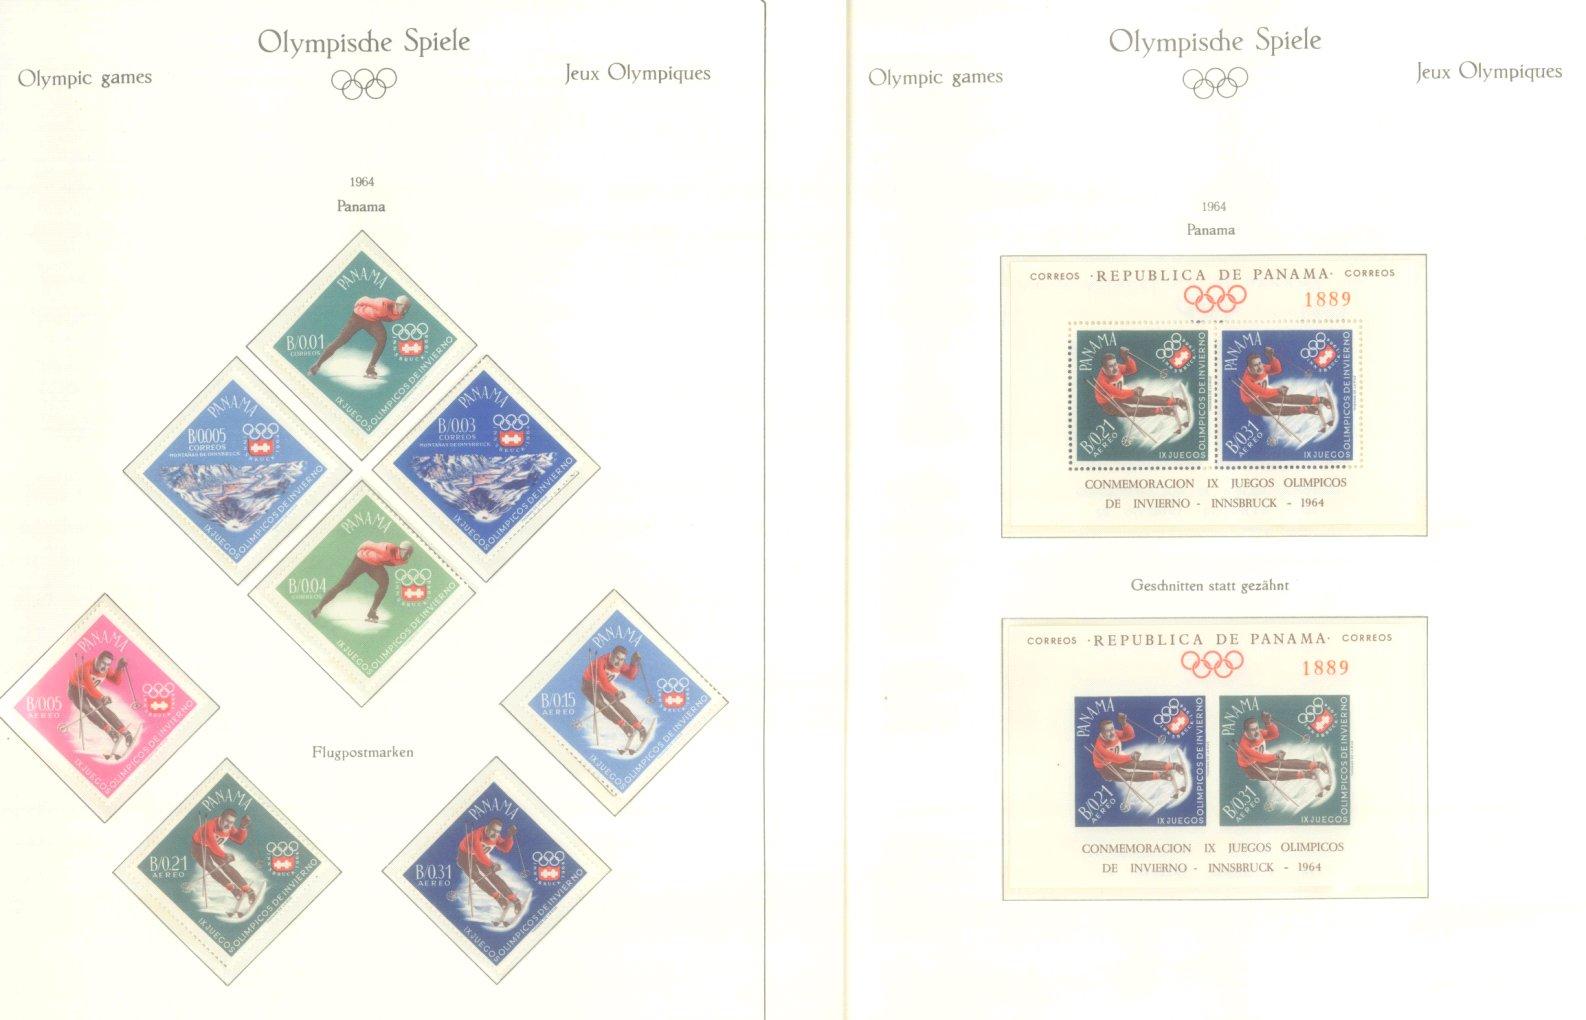 OLYMPISCHE SPIELE 1964 TOKIO, postfrische Sammlung Teil 2